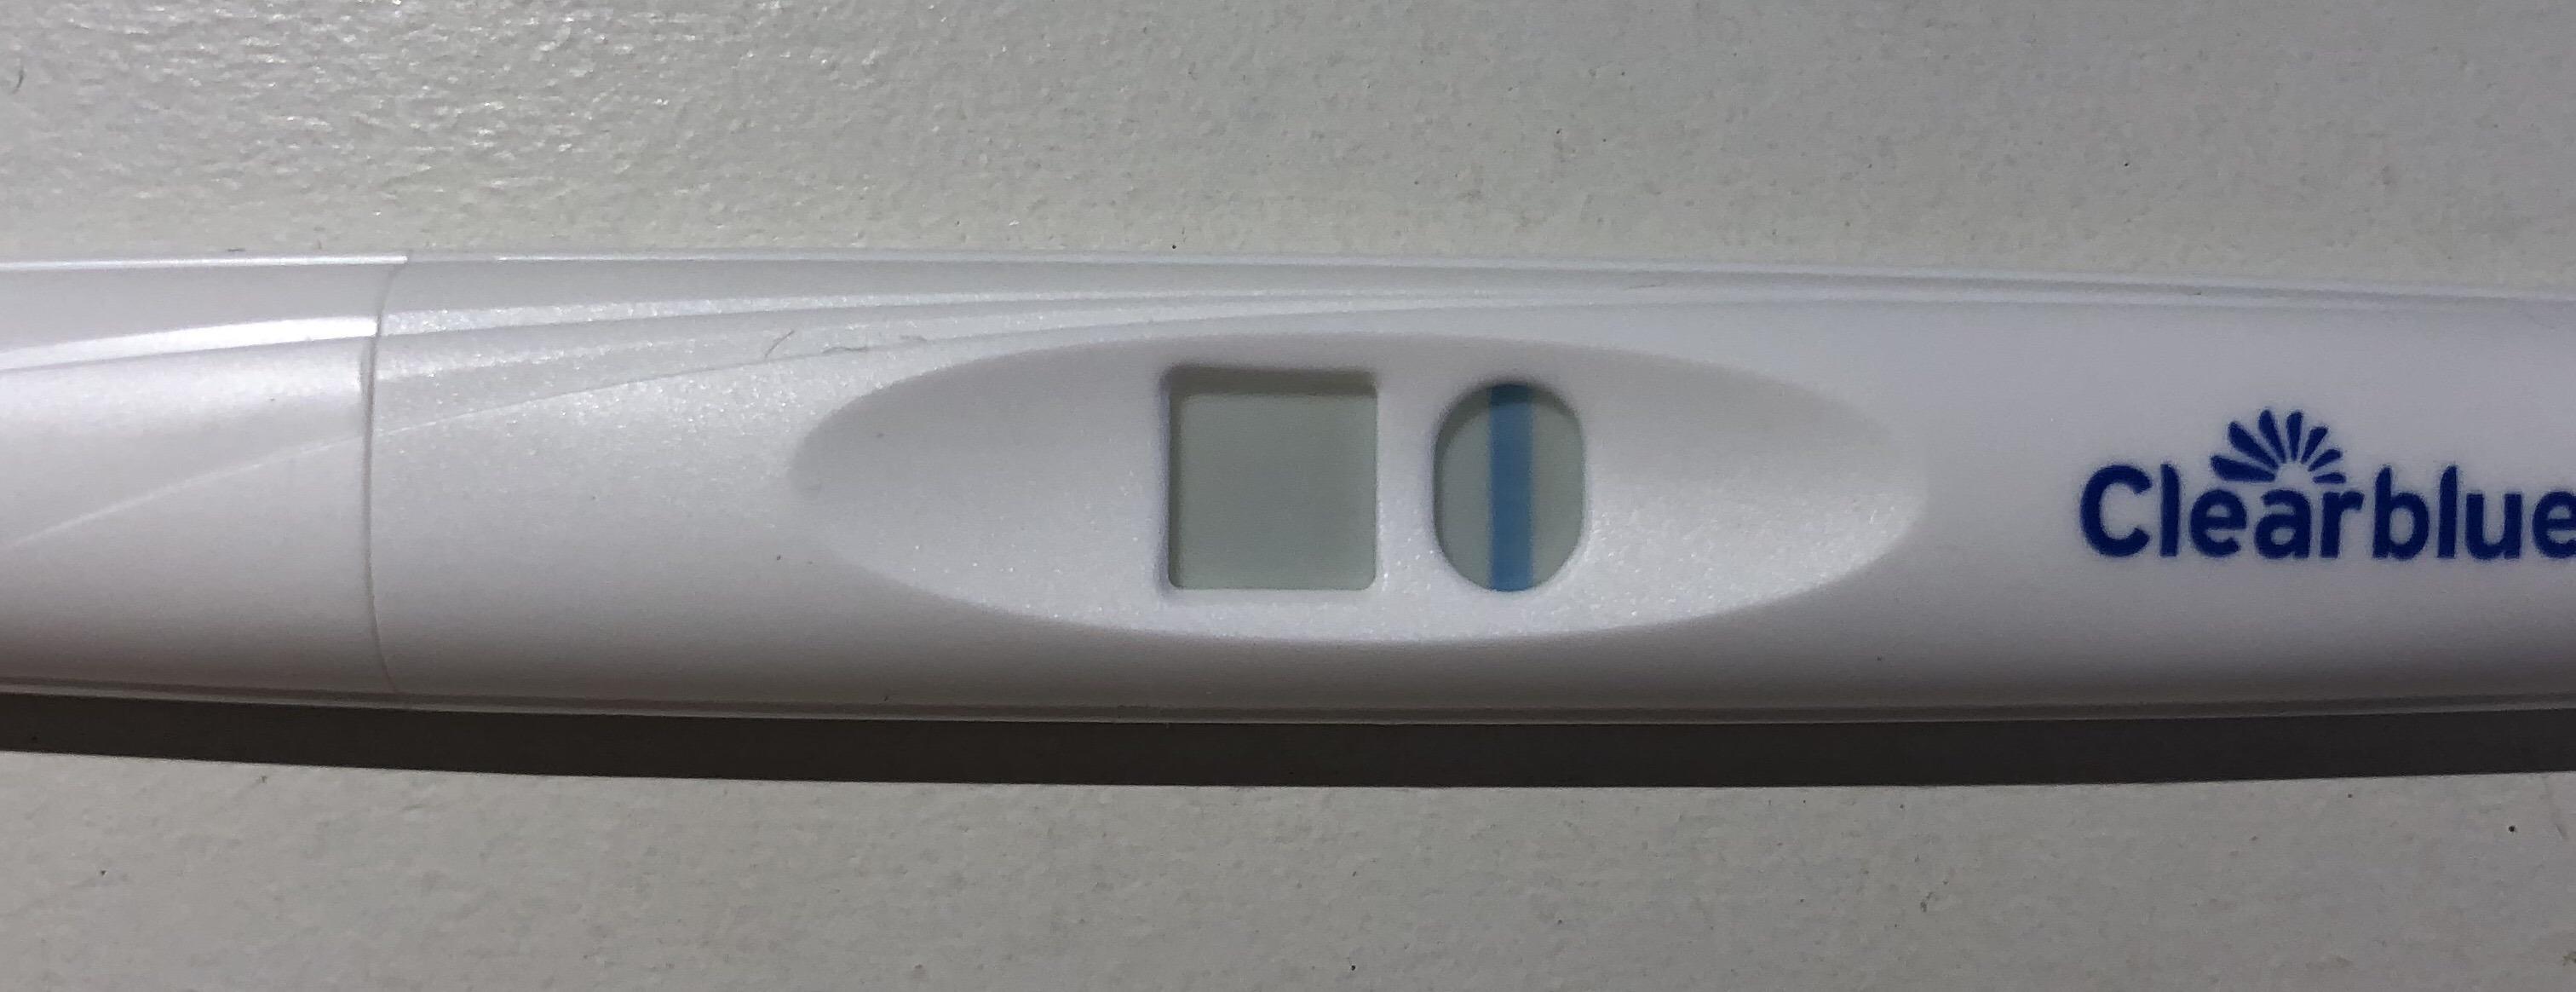 陰性 生理予定日 【医師監修】妊娠検査薬は陰性なのに生理がこない!3つの原因と対処法